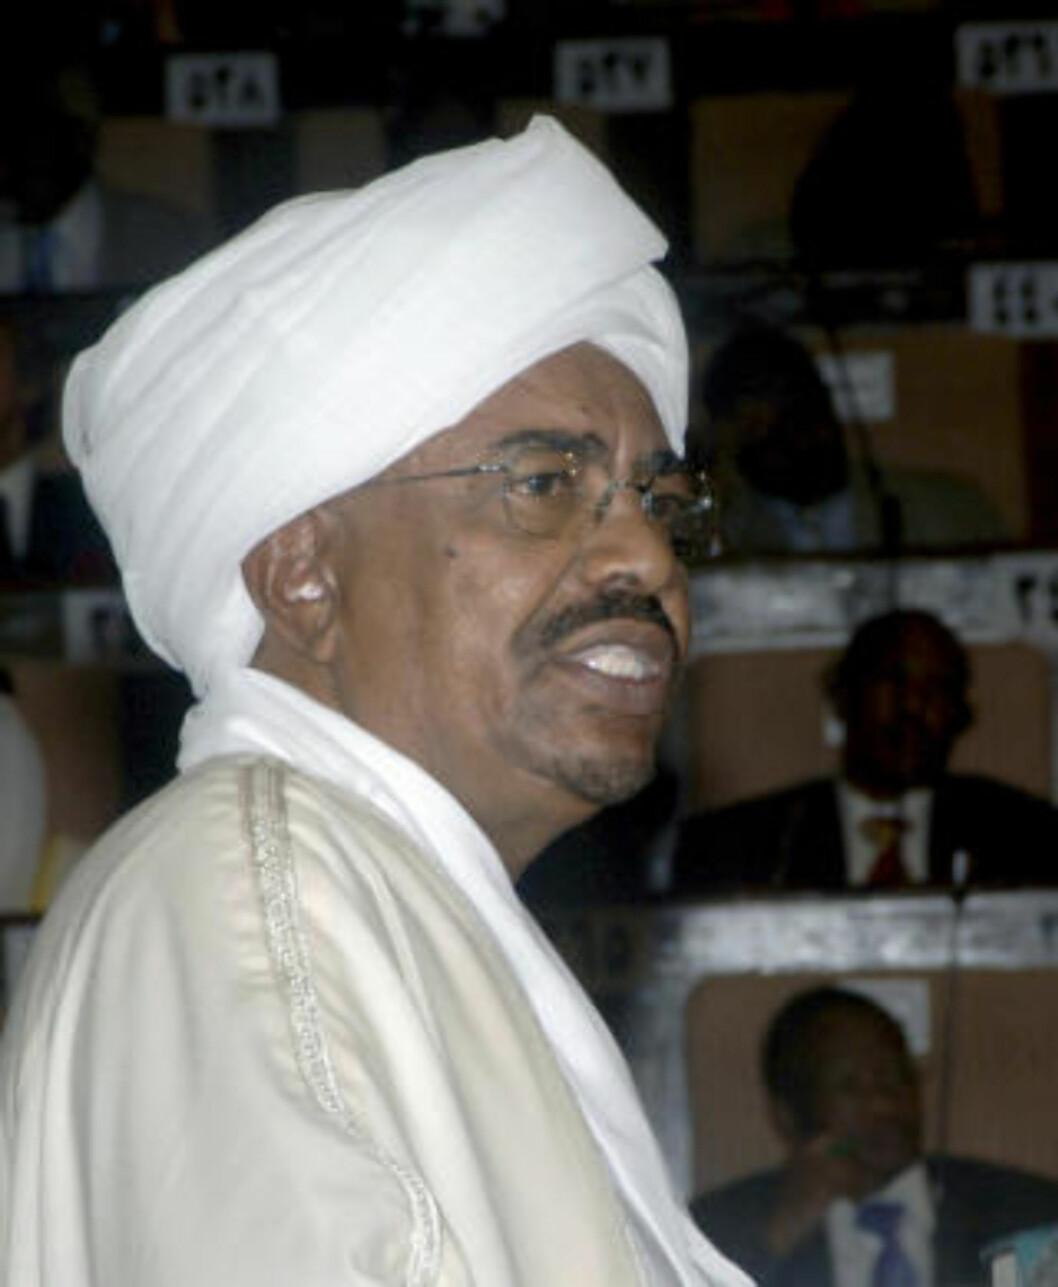 <strong>TILTALT:</strong> Omar Hassan al-Bashir ble i dag sverget inn som fortsatt president i Sudan etter det nylige valget. Samme dag som Amnesty International nevnte tiltalen mot ham for blant annet folkemord er et av lyspunktene i 2009. Foto: AP